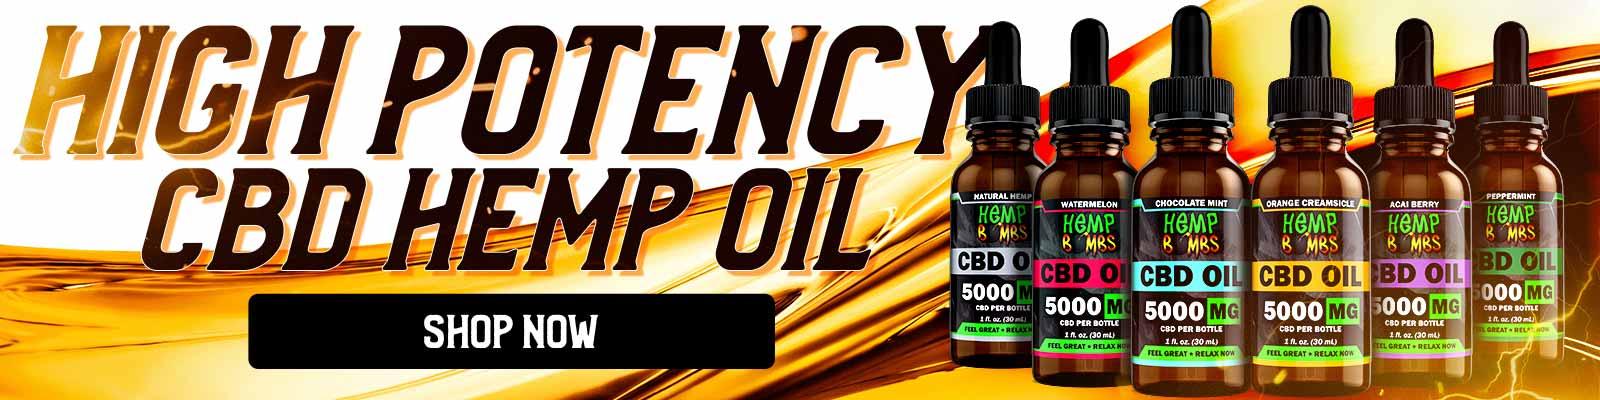 High Potency CBD Hemp Oil Banner